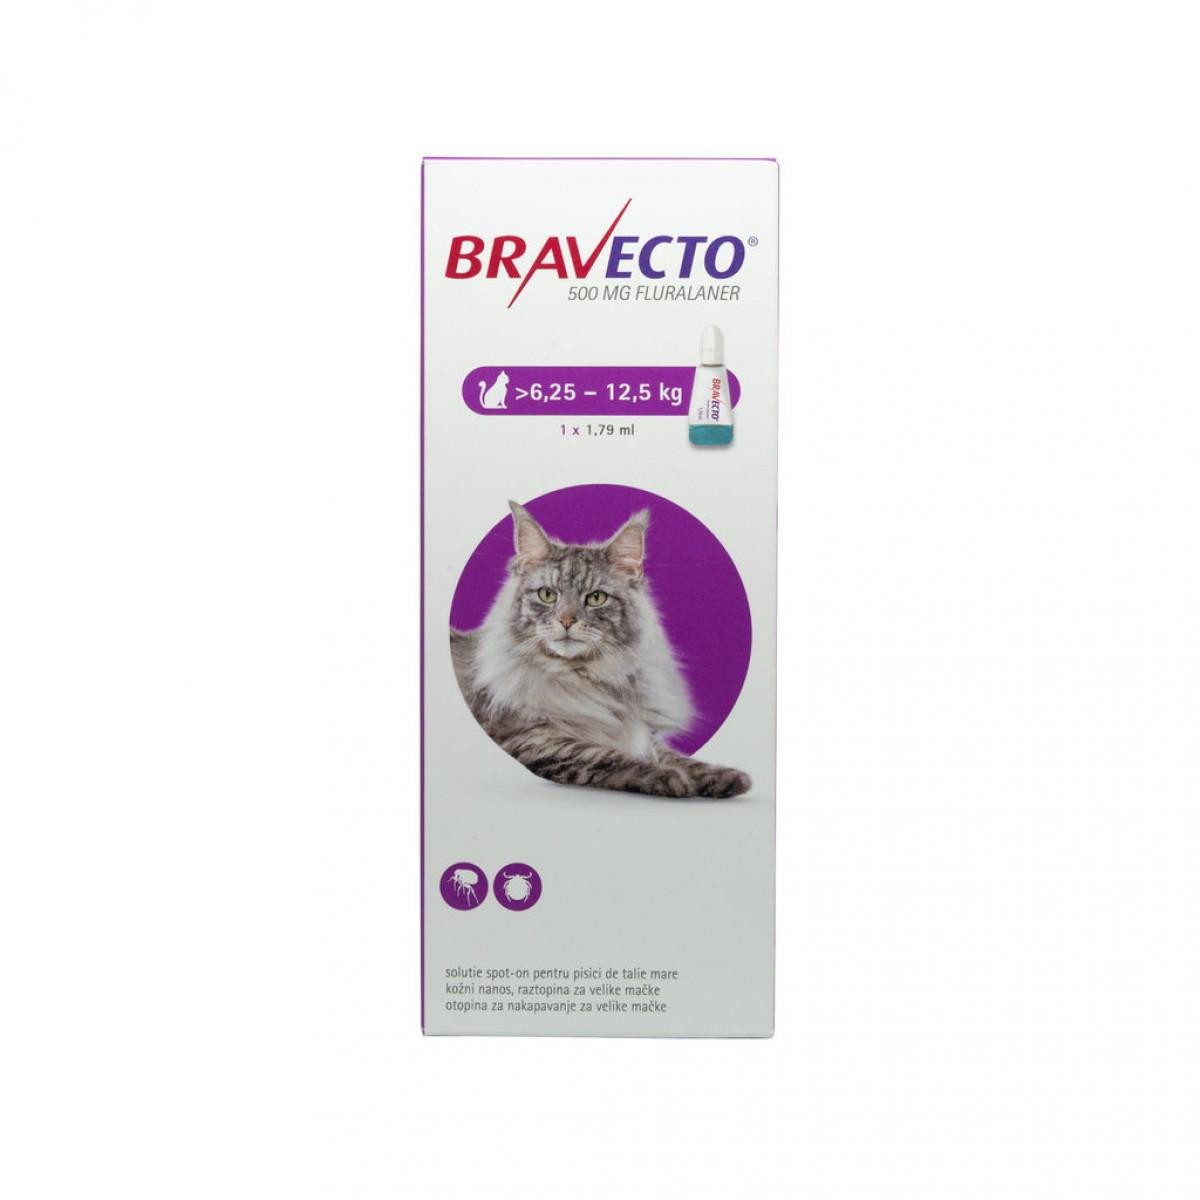 Pipetă antiparazitară Bravecto pentru pisici de 6.25 - 12.5kg